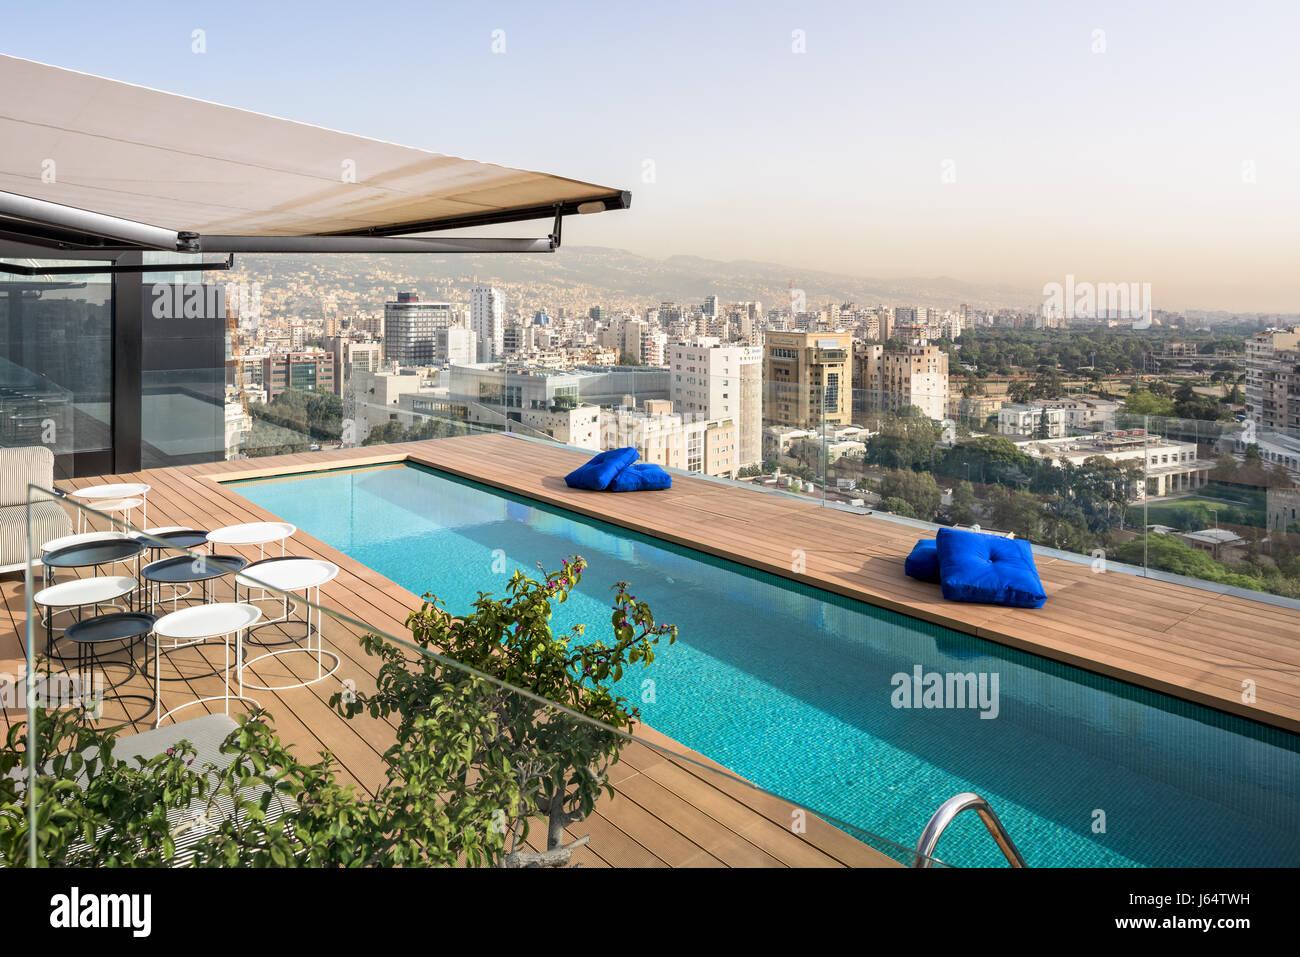 Piscine sur le toit avec vue sur Beyrouth Photo Stock